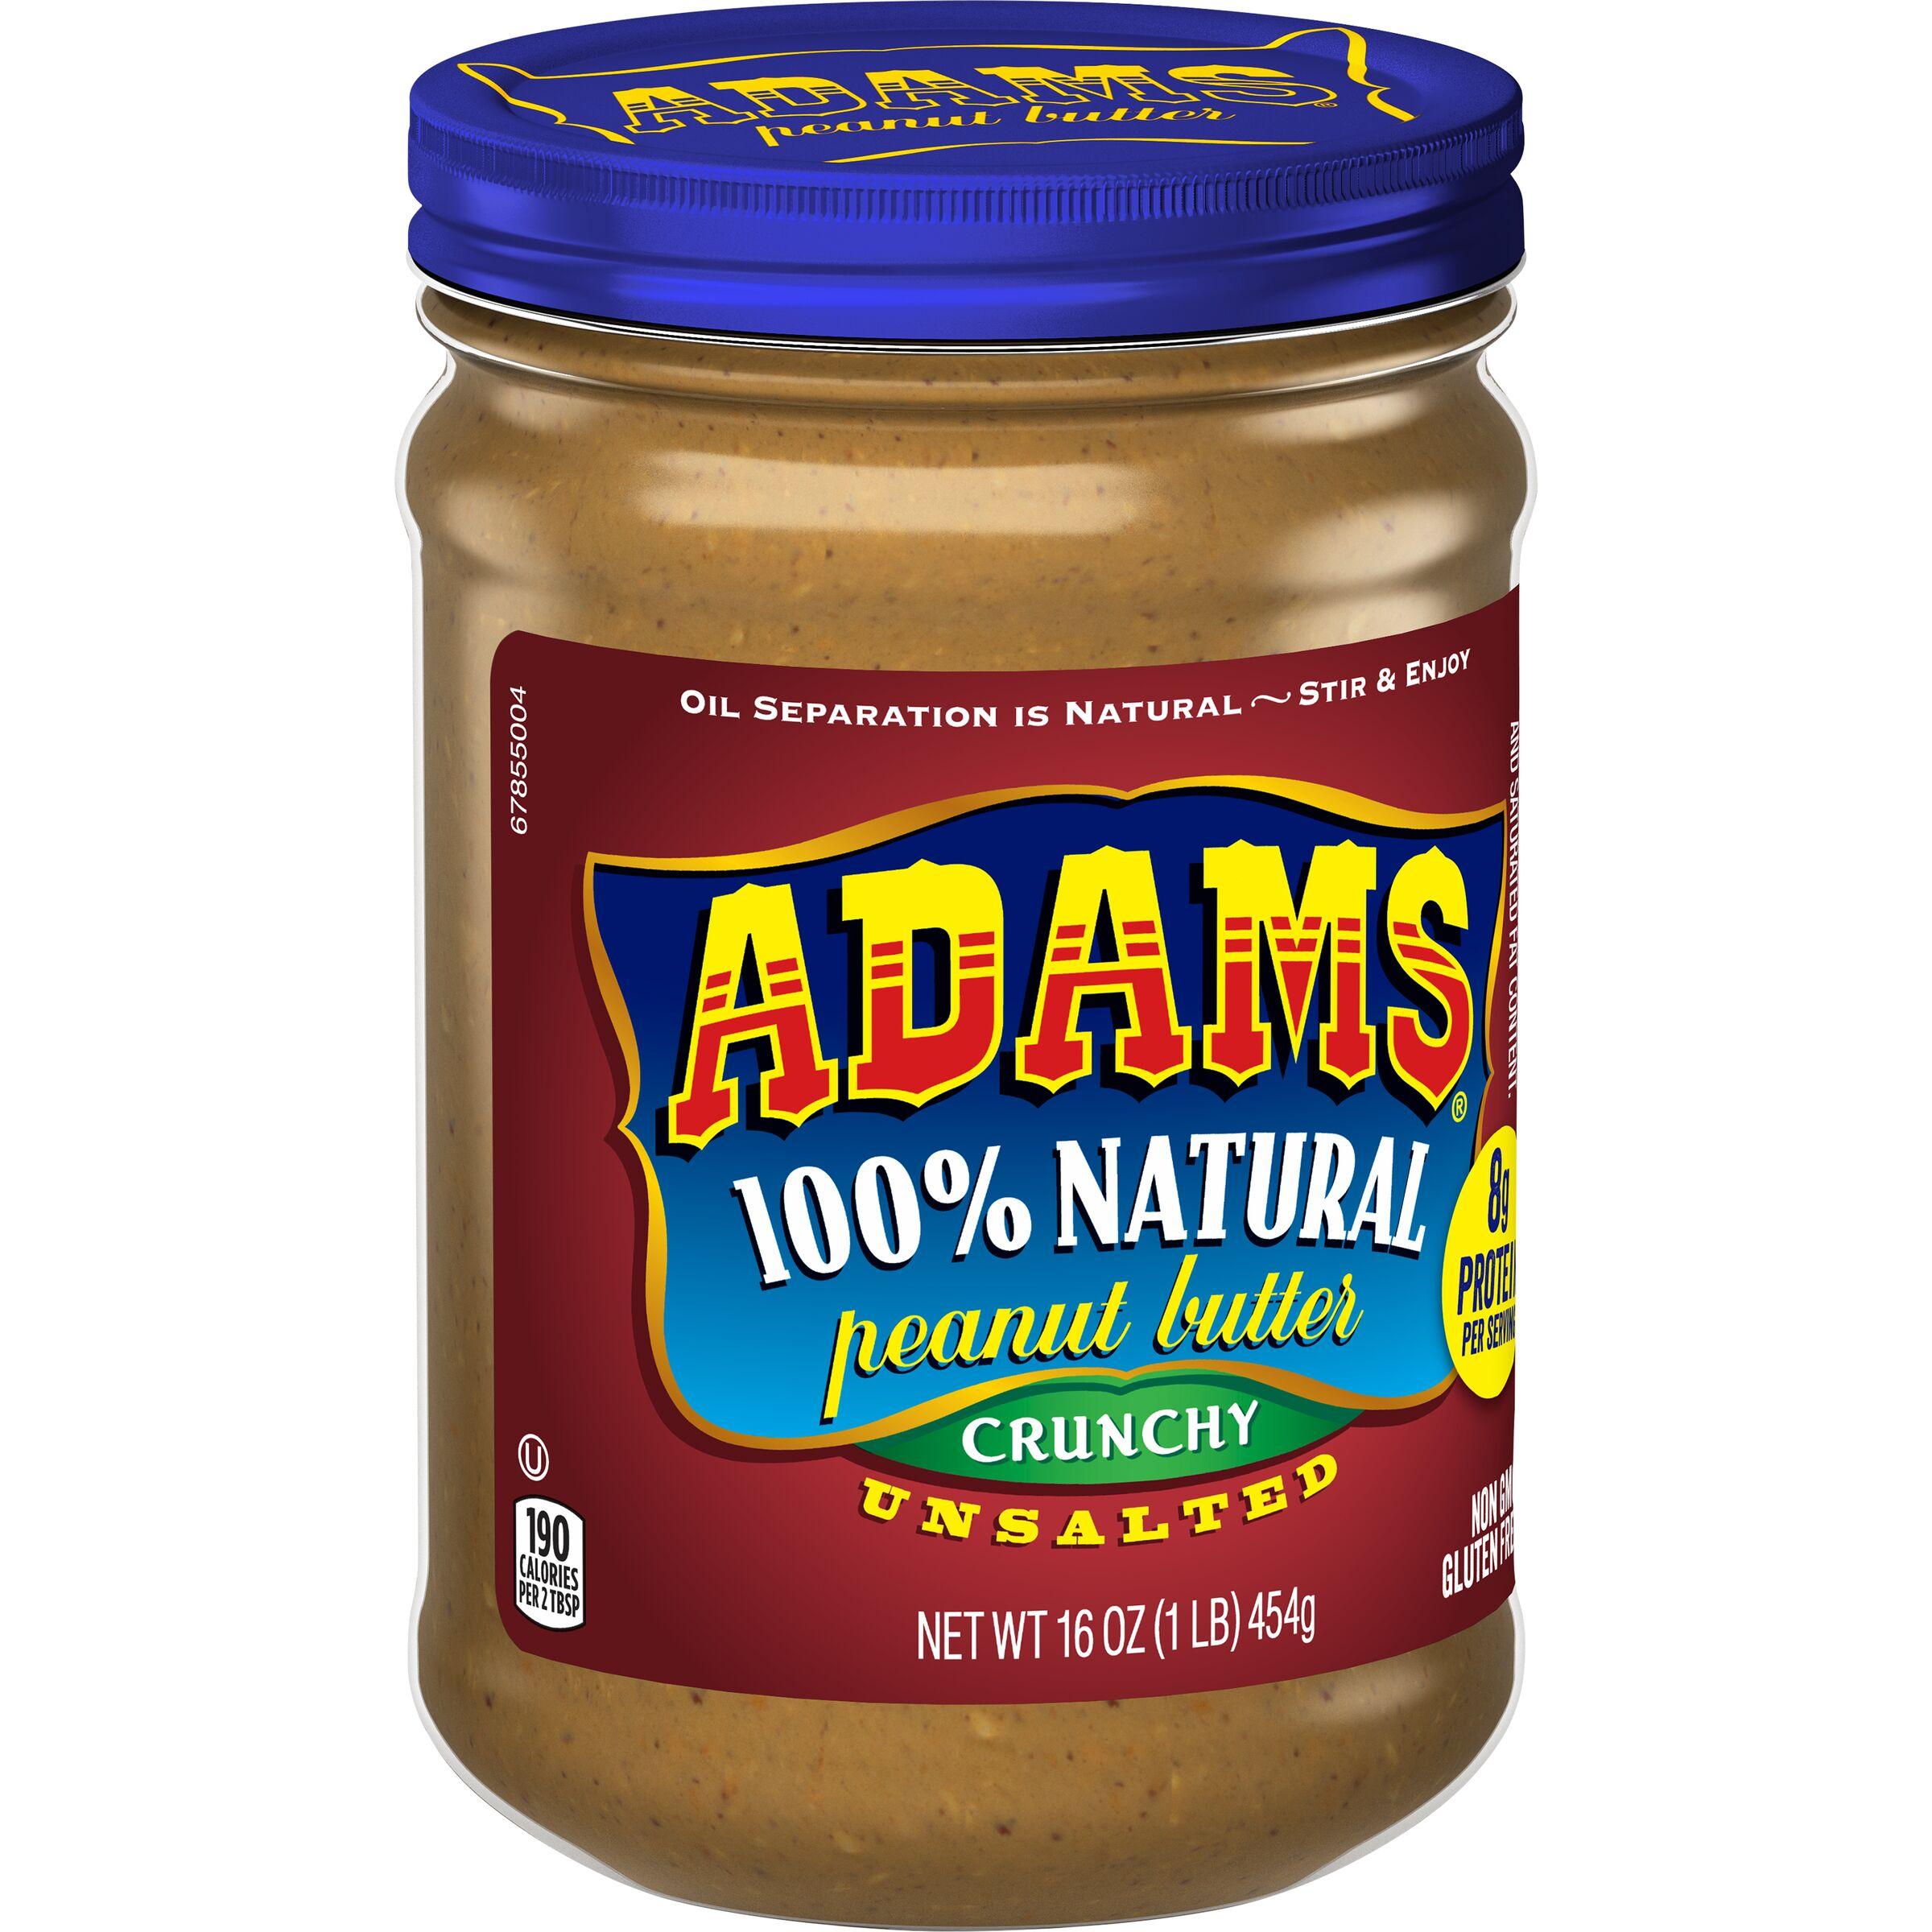 Adams  Natural Crunchy Unsalted Peanut Butter